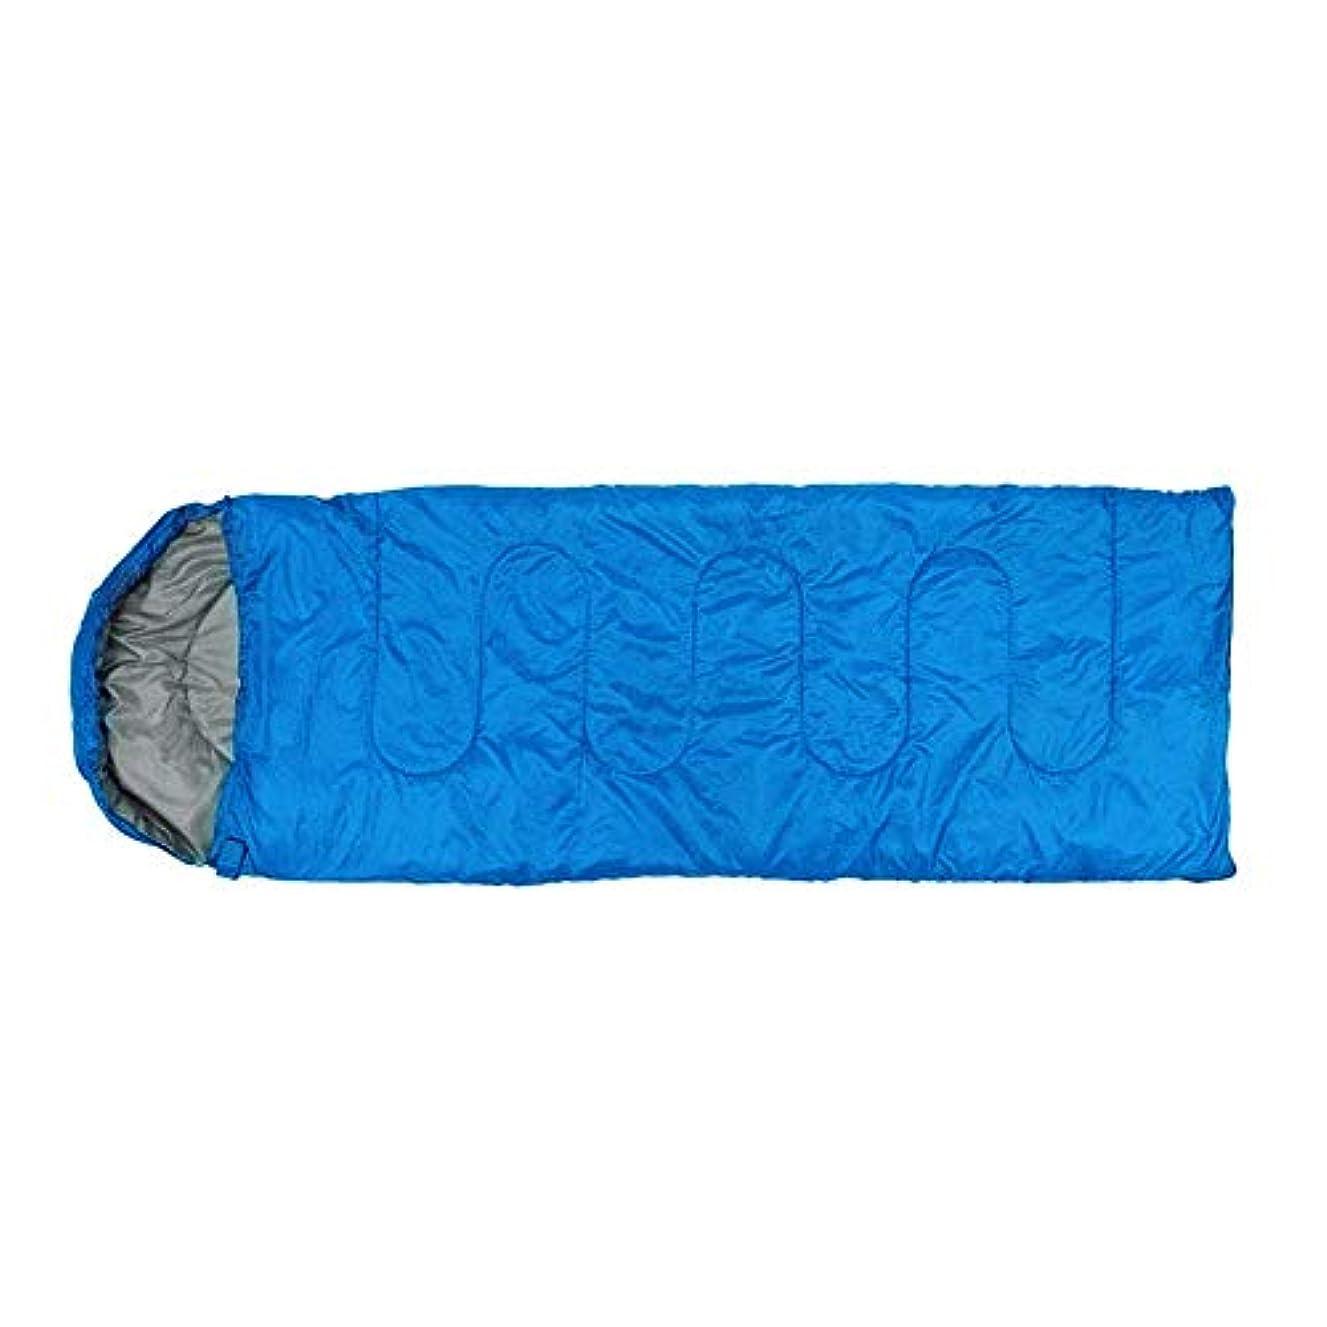 鍔エネルギーマラドロイト寝袋封筒は、大人のフード付きのキャンプは寝袋